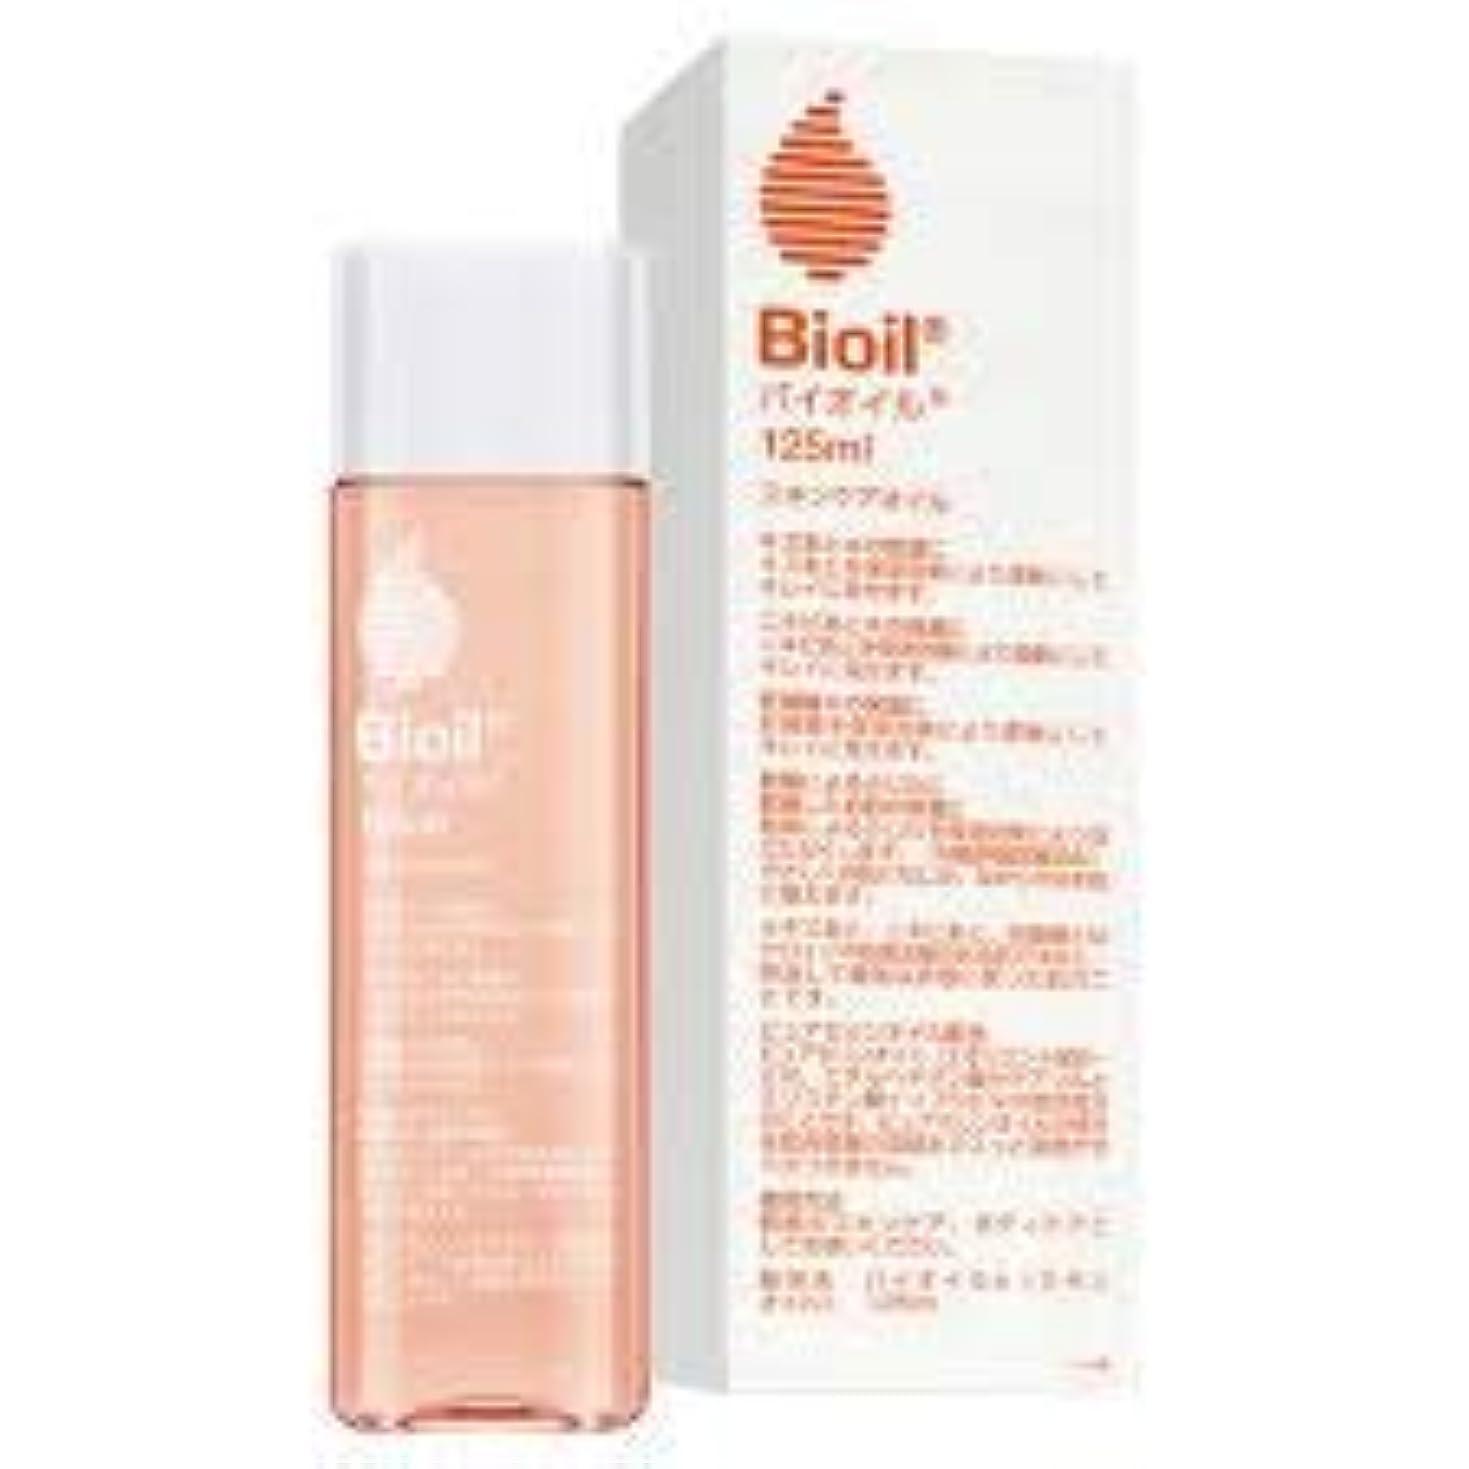 人工的な実現可能変換するバイオイル Bioil 125ml (小林製薬)